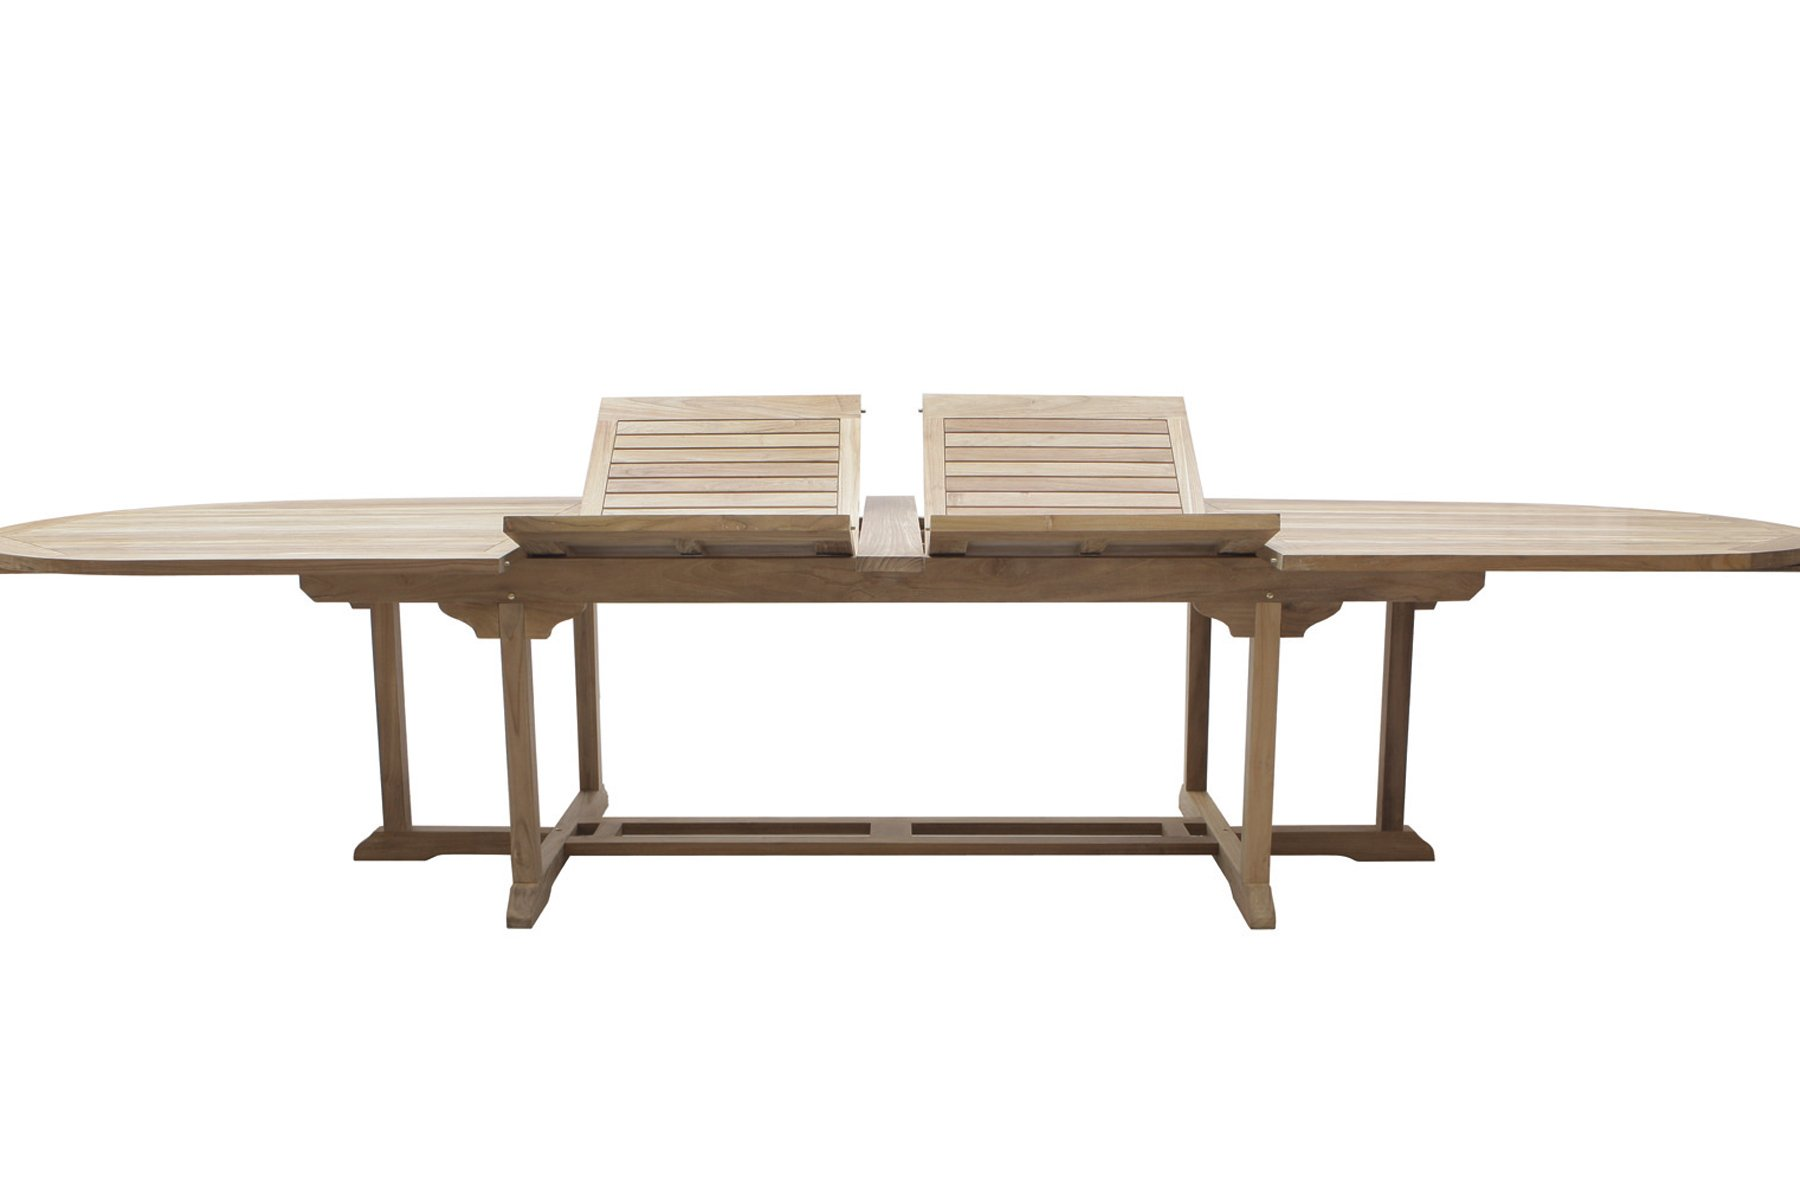 Visualizza dettagli tavolo ovale grande il giardino di for Tavolo ovale grande